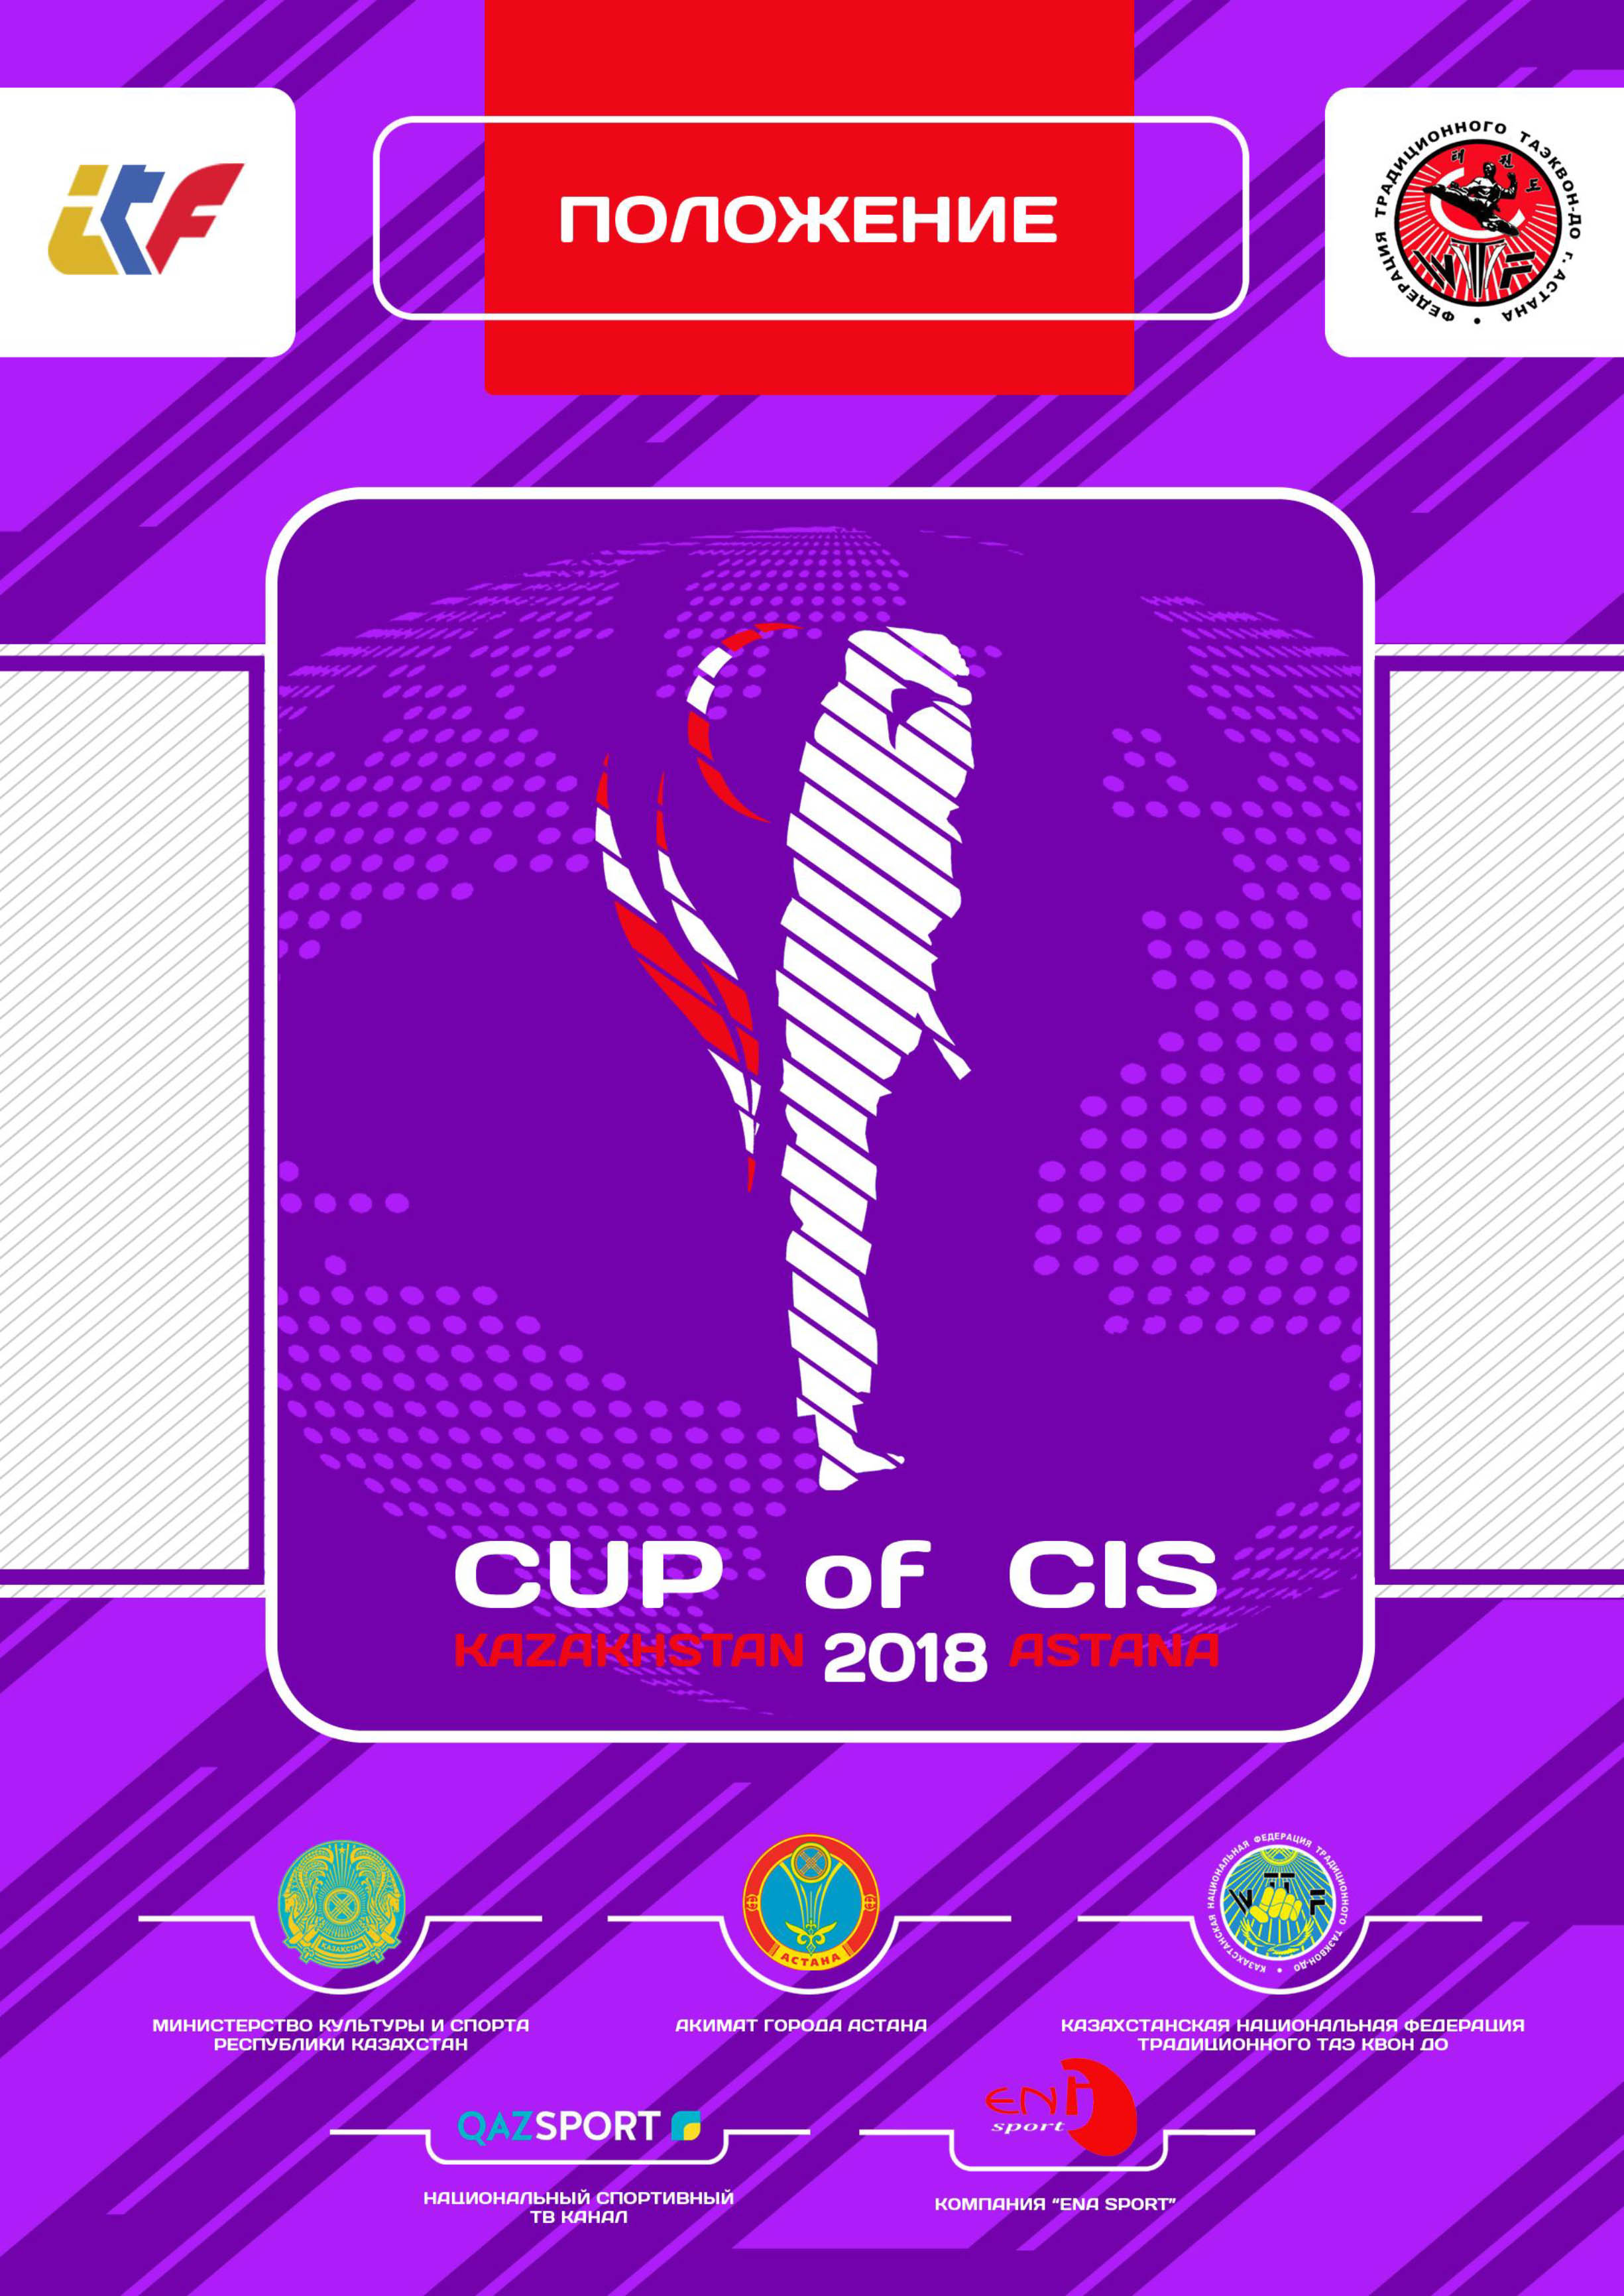 CIS 2018 Cup in Kazakhstan